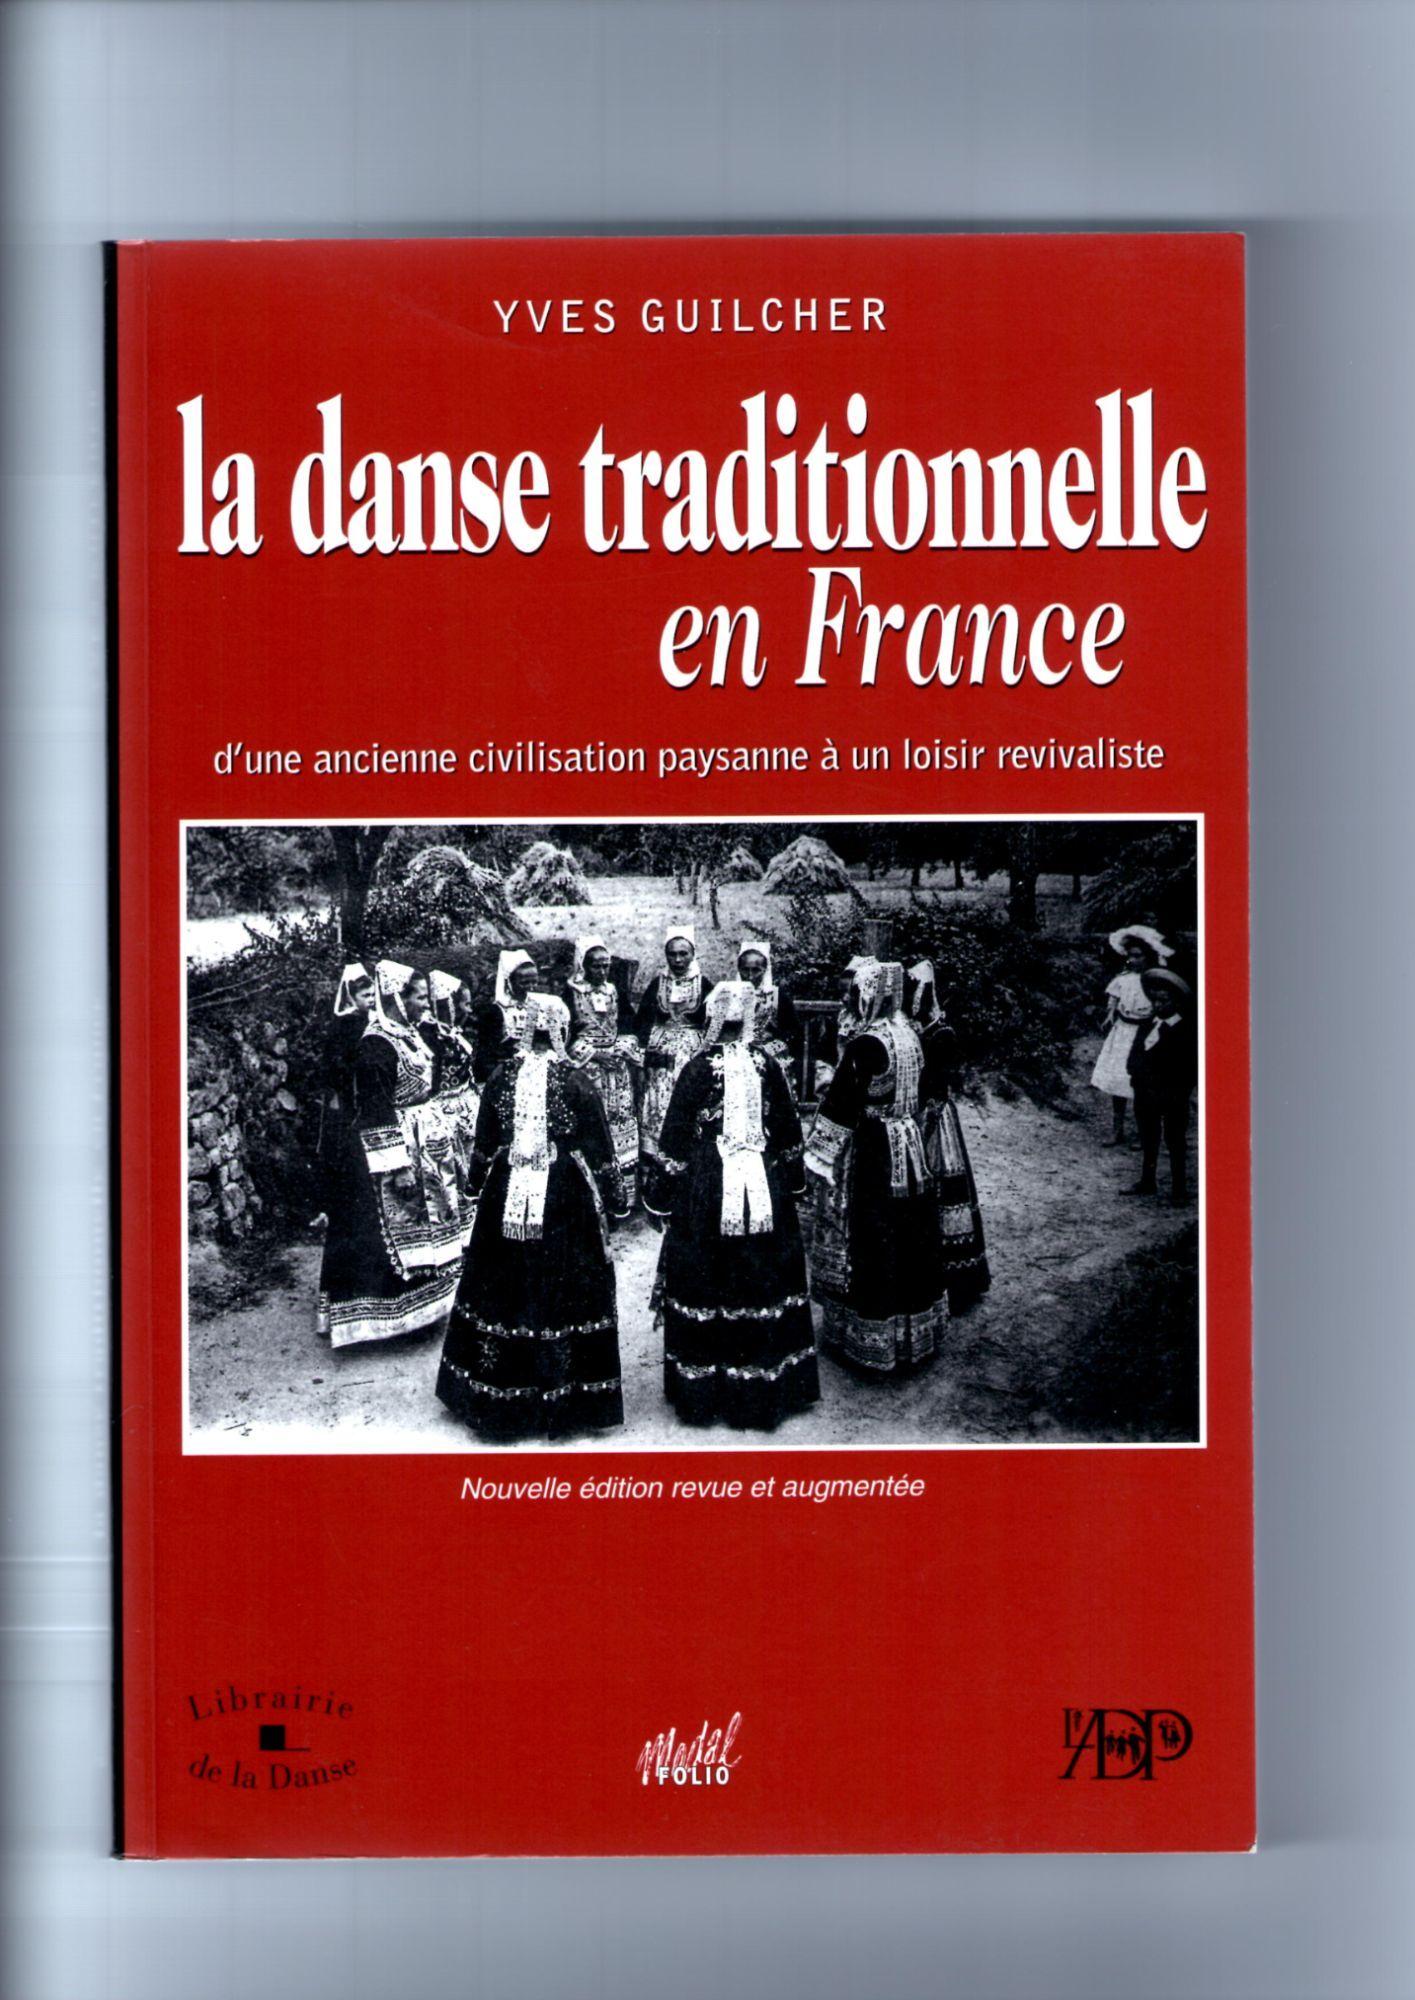 La danse traditionnelle en France d'une ancienne civilisation paysanne à un loisir revivaliste. Nouvelle édition revue et augmentée